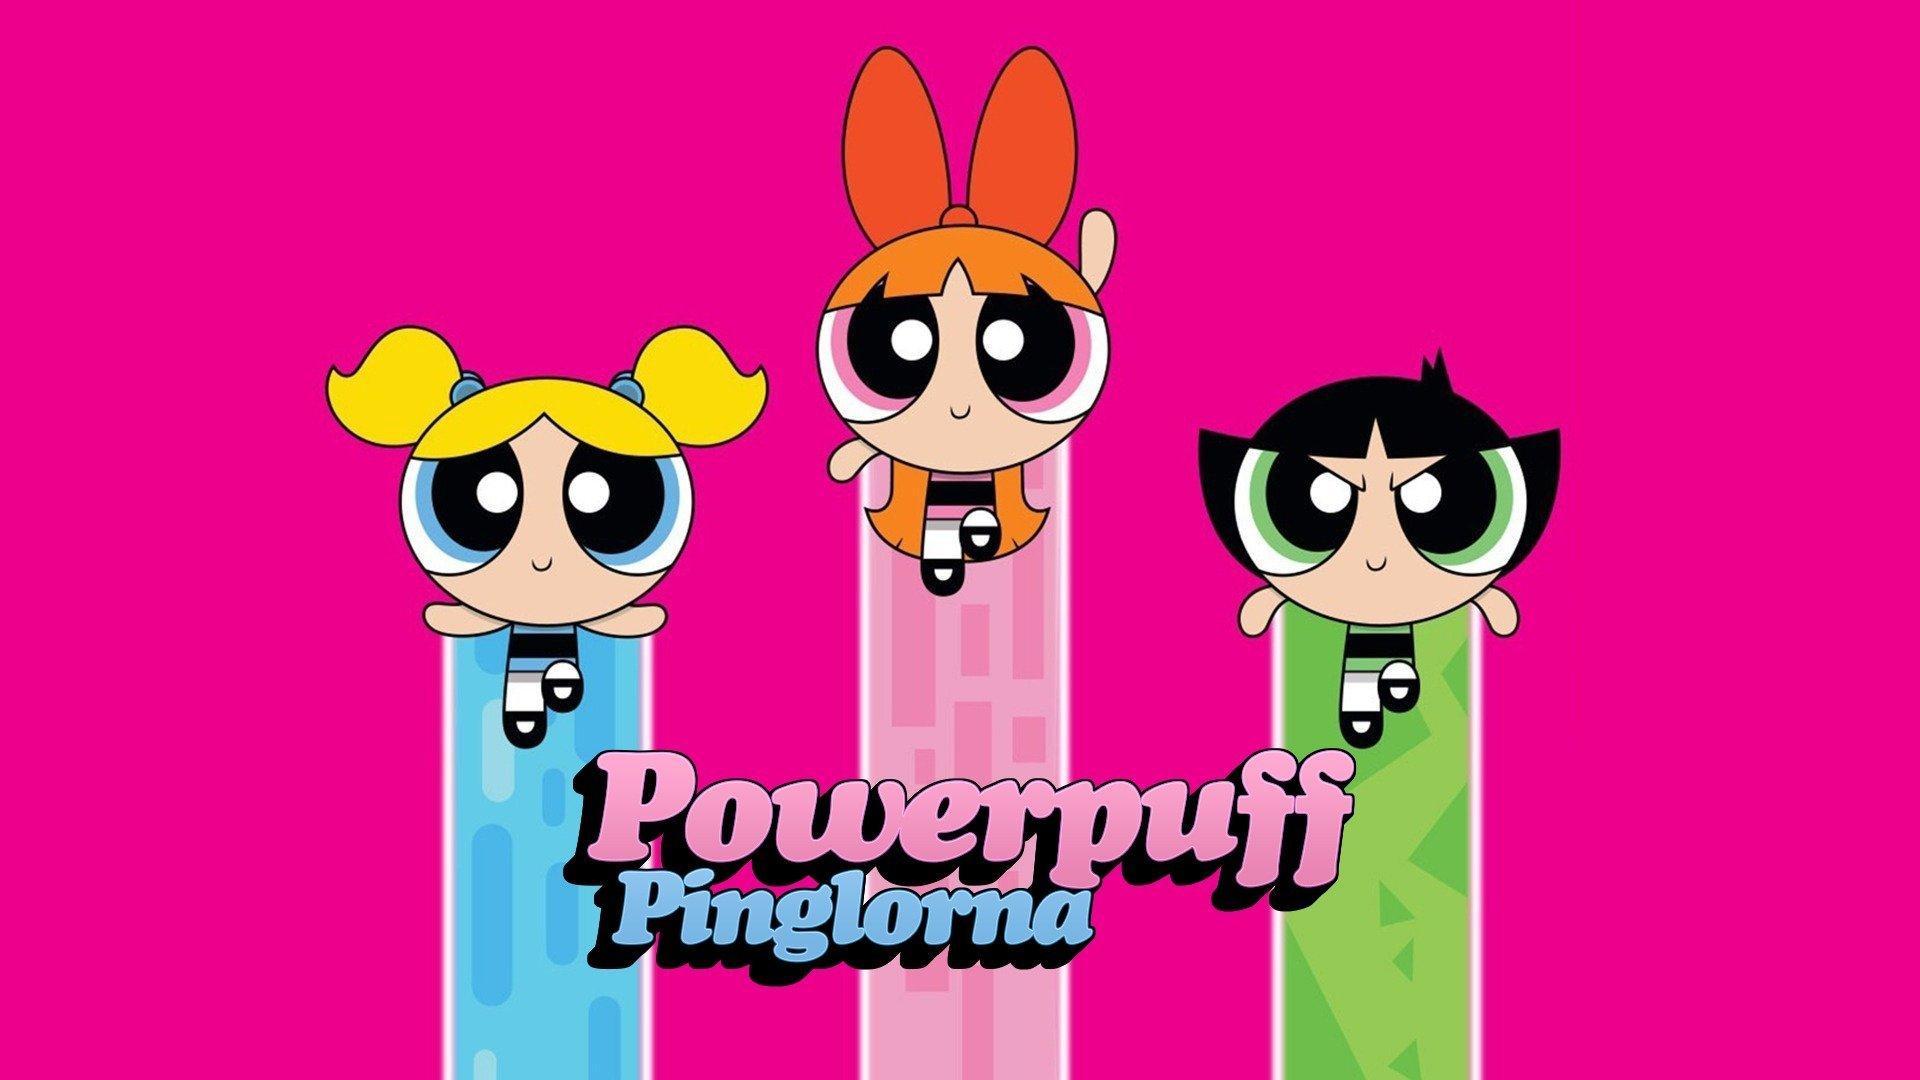 Powerpuff Pinglorna